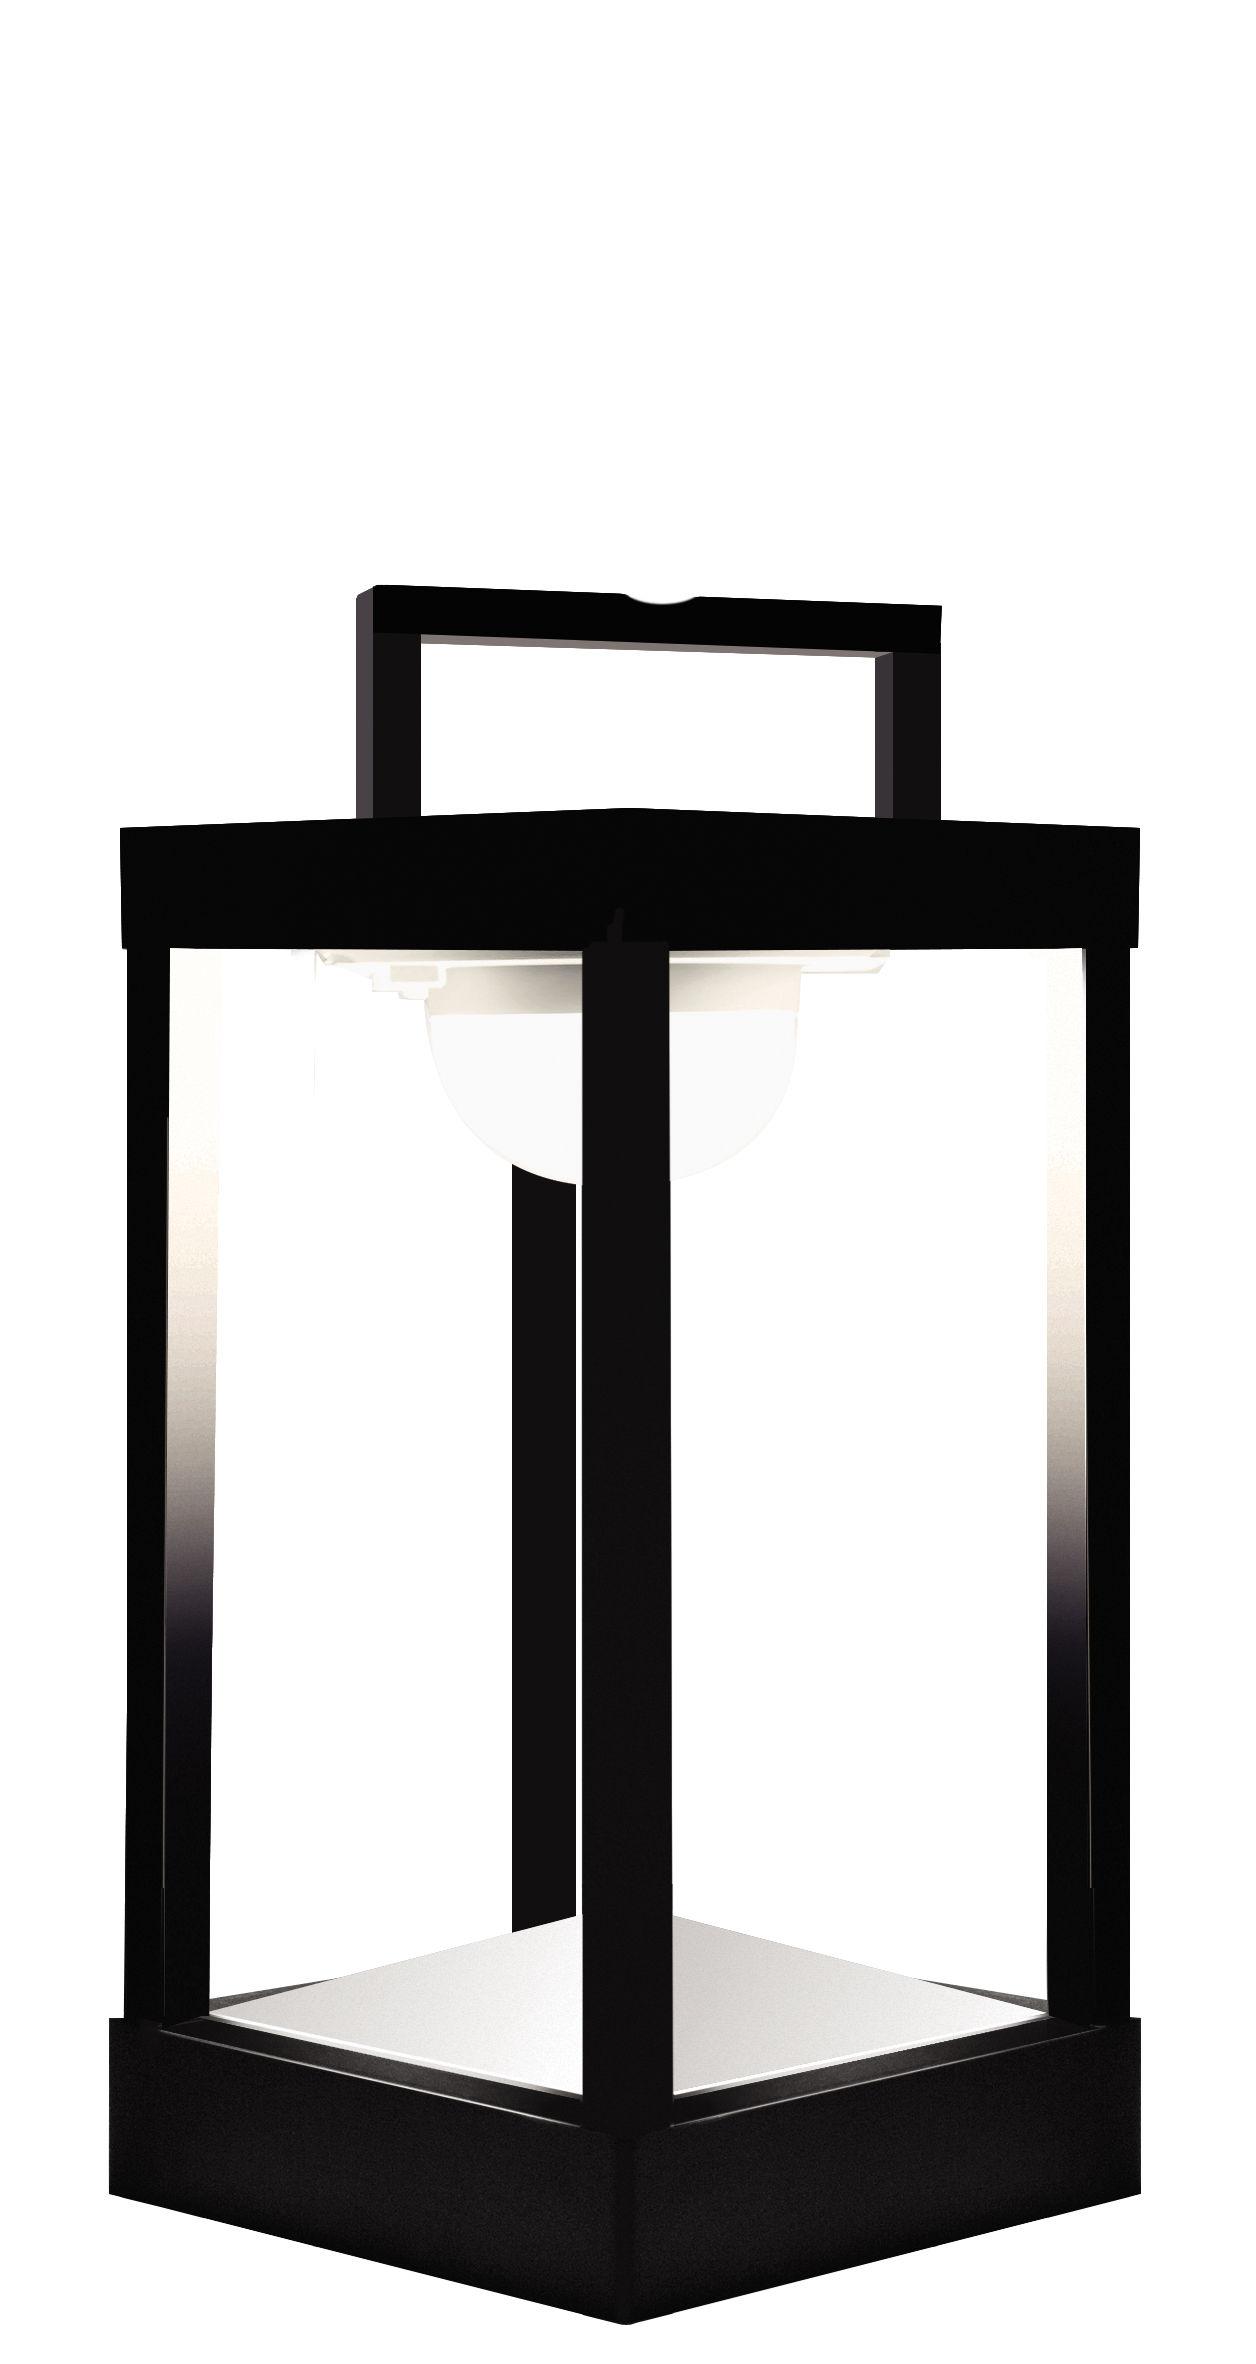 Illuminazione - Lampade da tavolo - Lampada solare La Lampe Parc S LED / Senza fili - H 30 cm - Maiori - Nero - Alluminio, Vetro